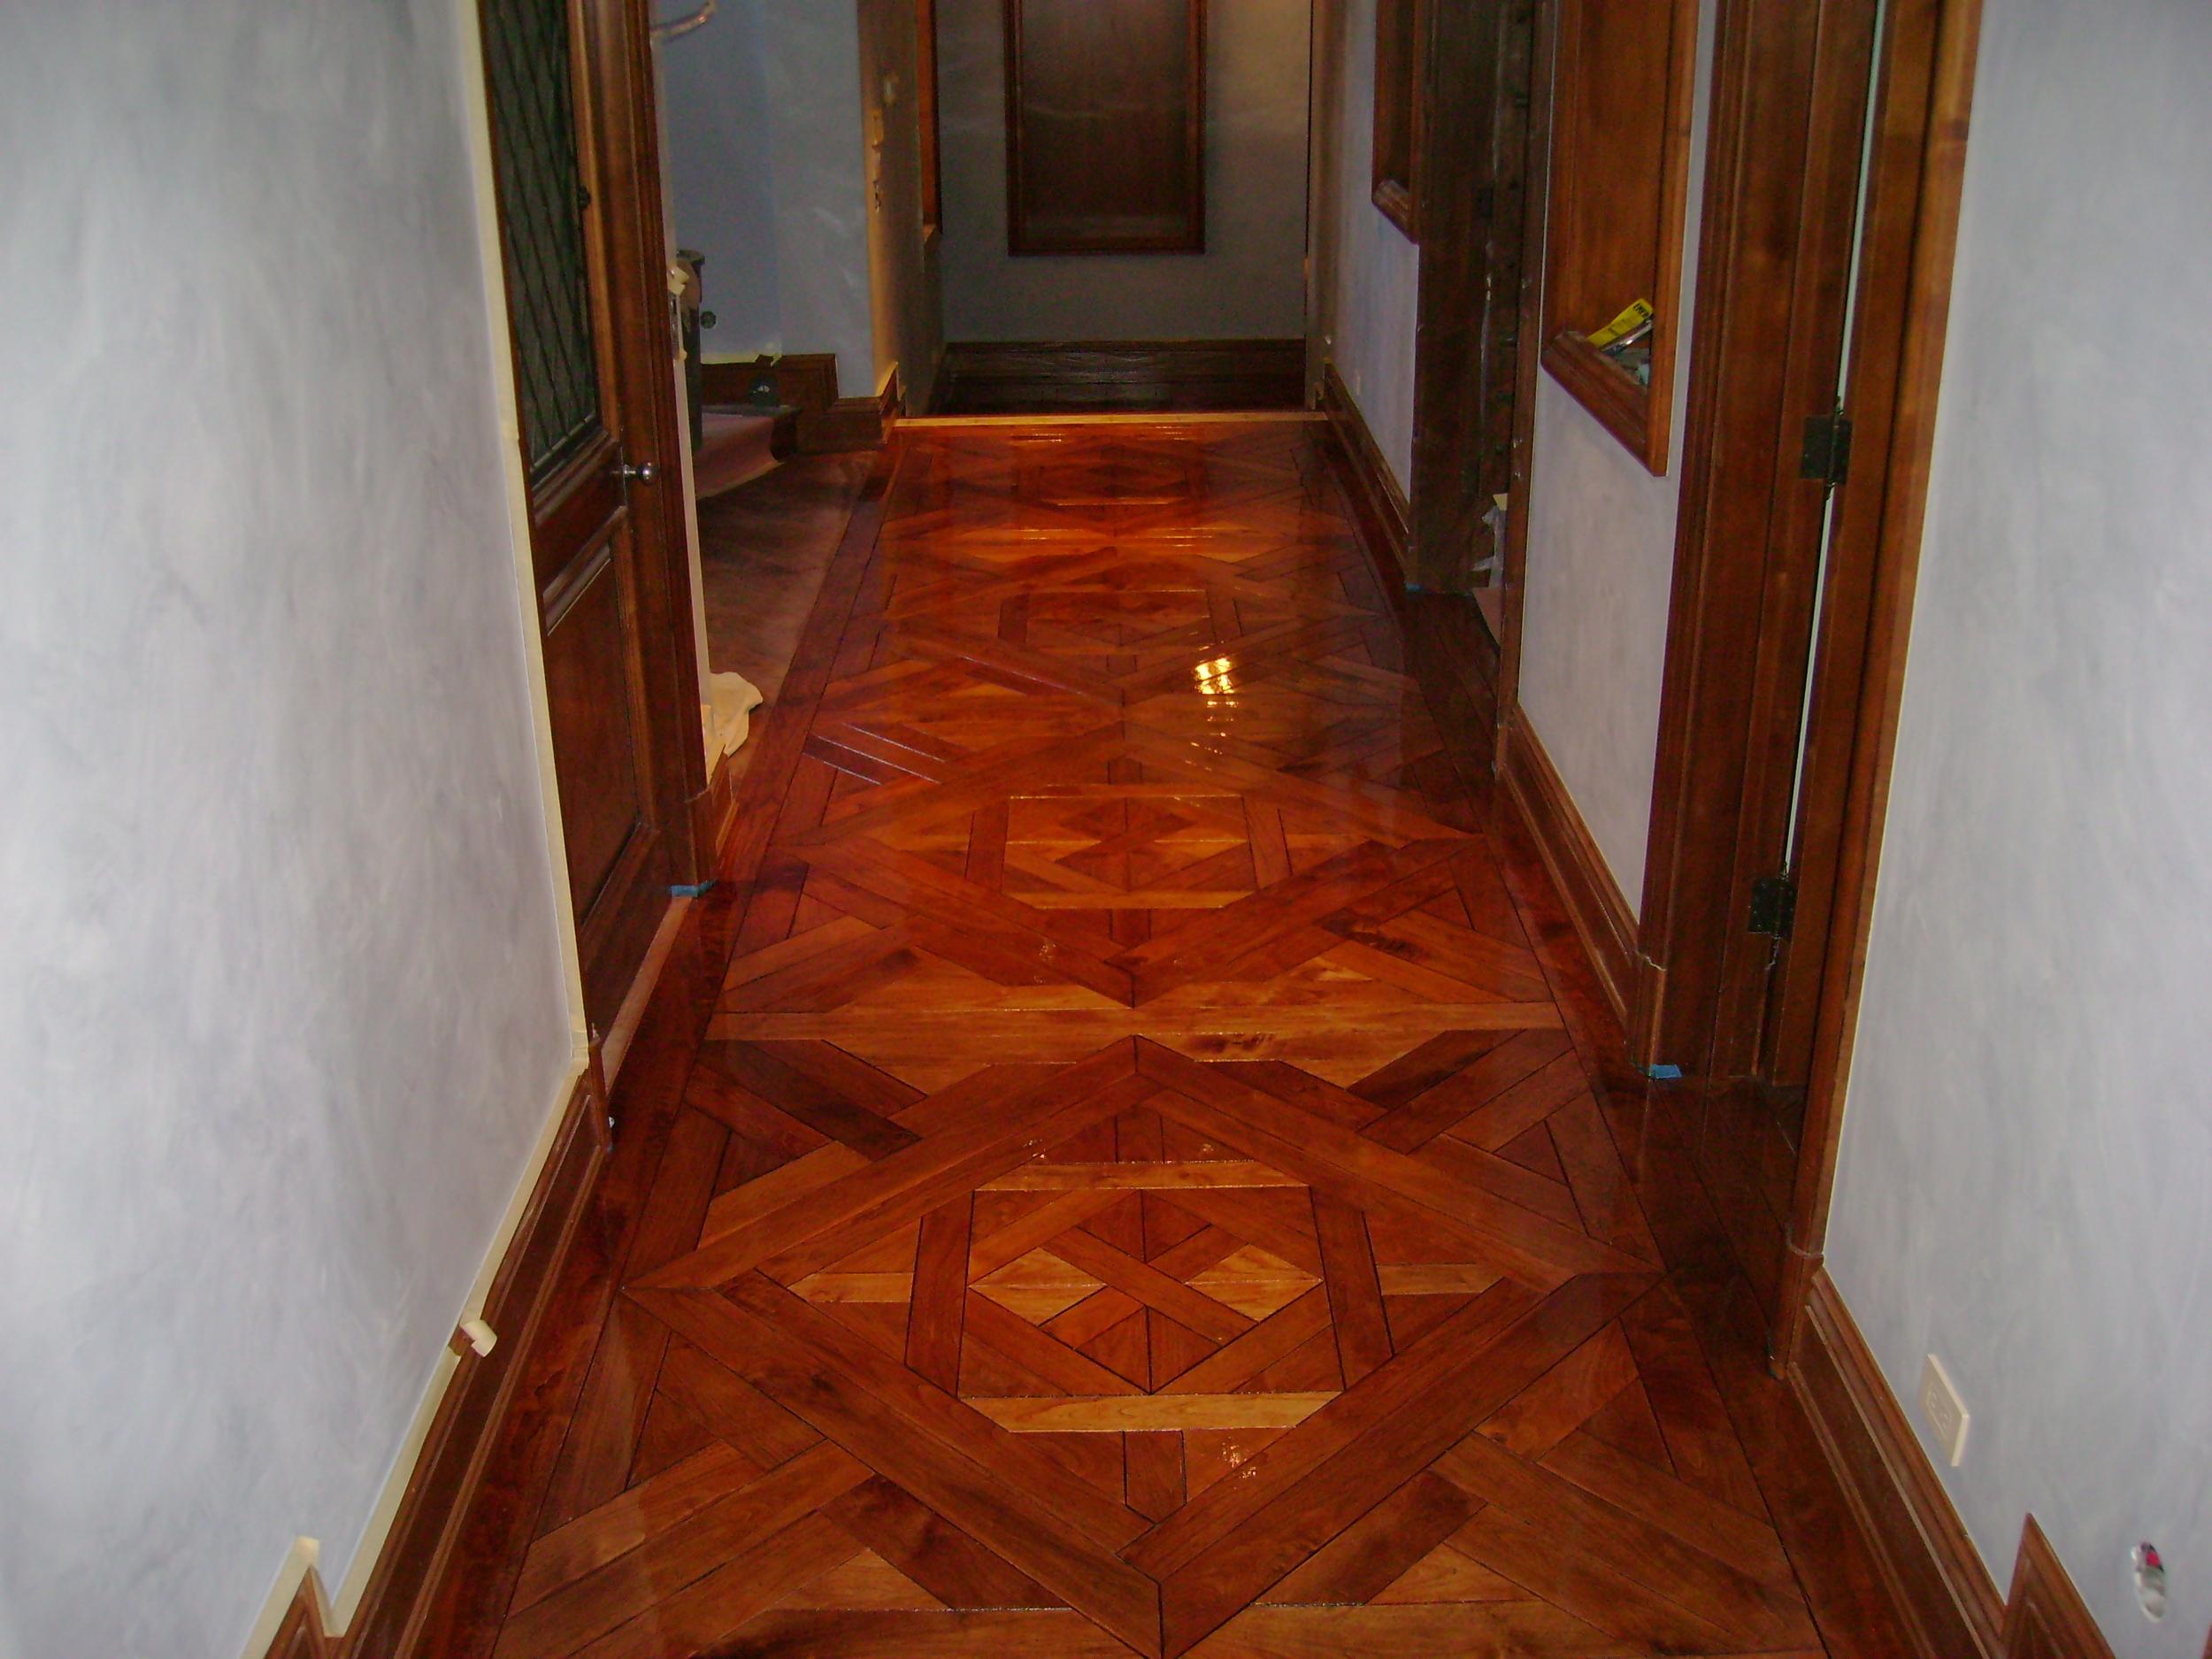 Bordeaux flooring pattern in walnut